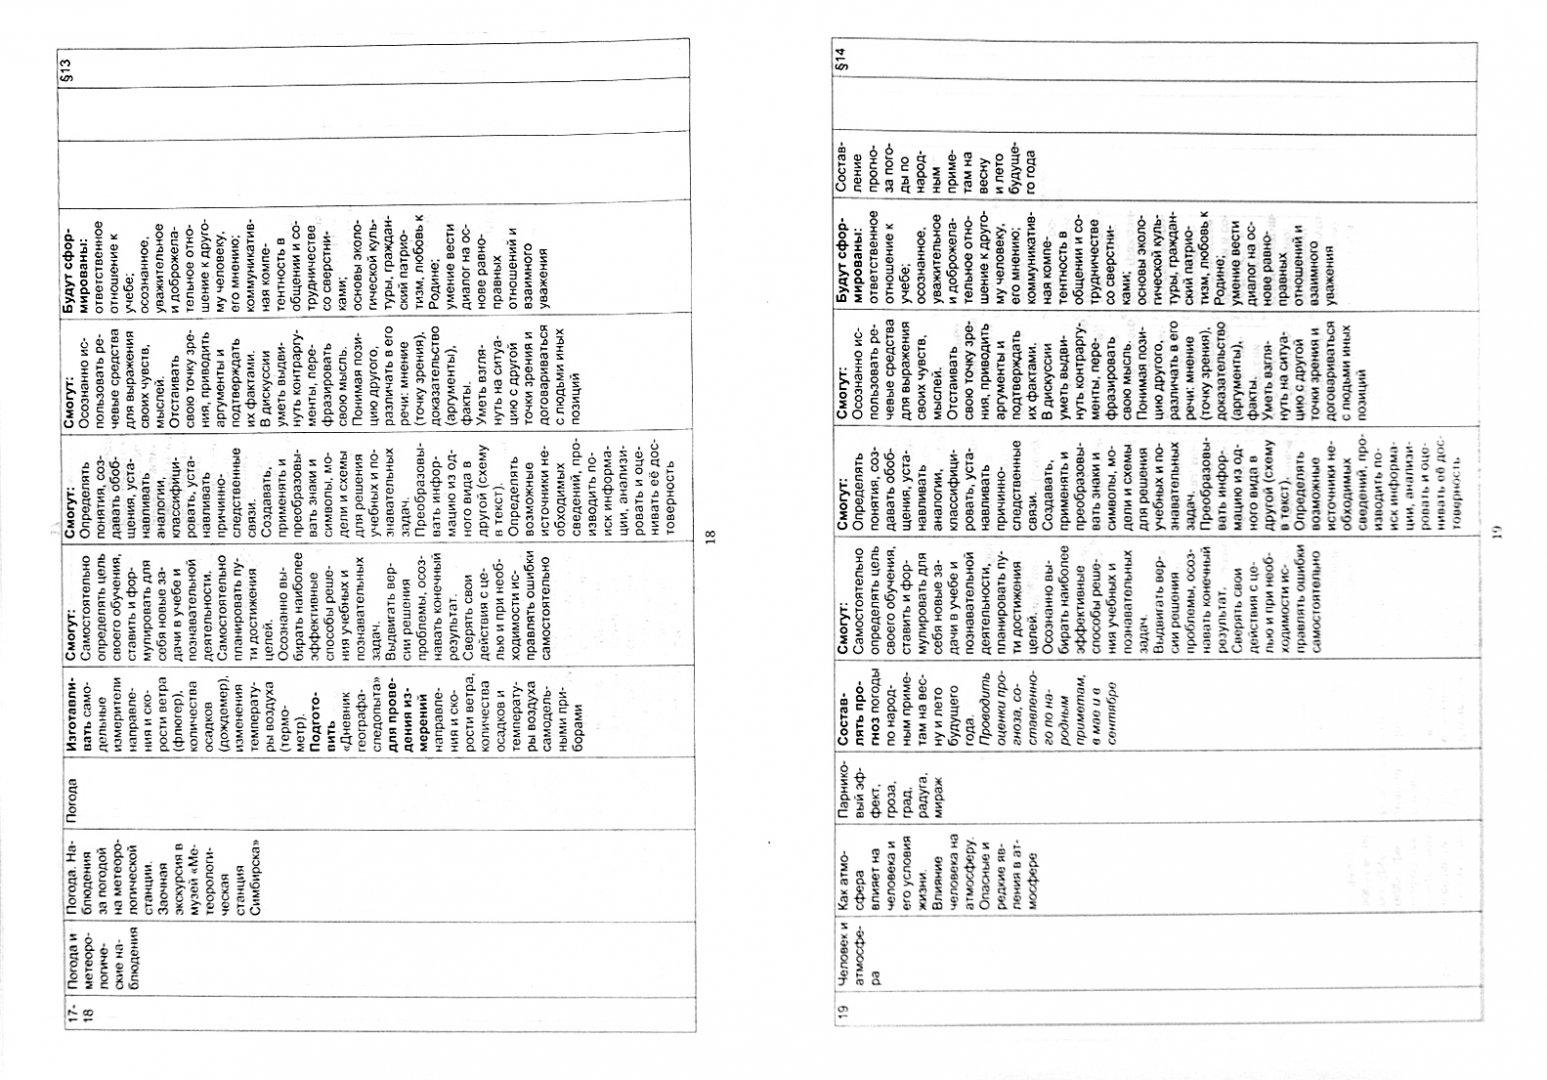 Иллюстрация 1 из 5 для География. 5 класс. Рабочая программа к учебнику А. А. Летягина. ФГОС - Наталия Болотникова | Лабиринт - книги. Источник: Лабиринт